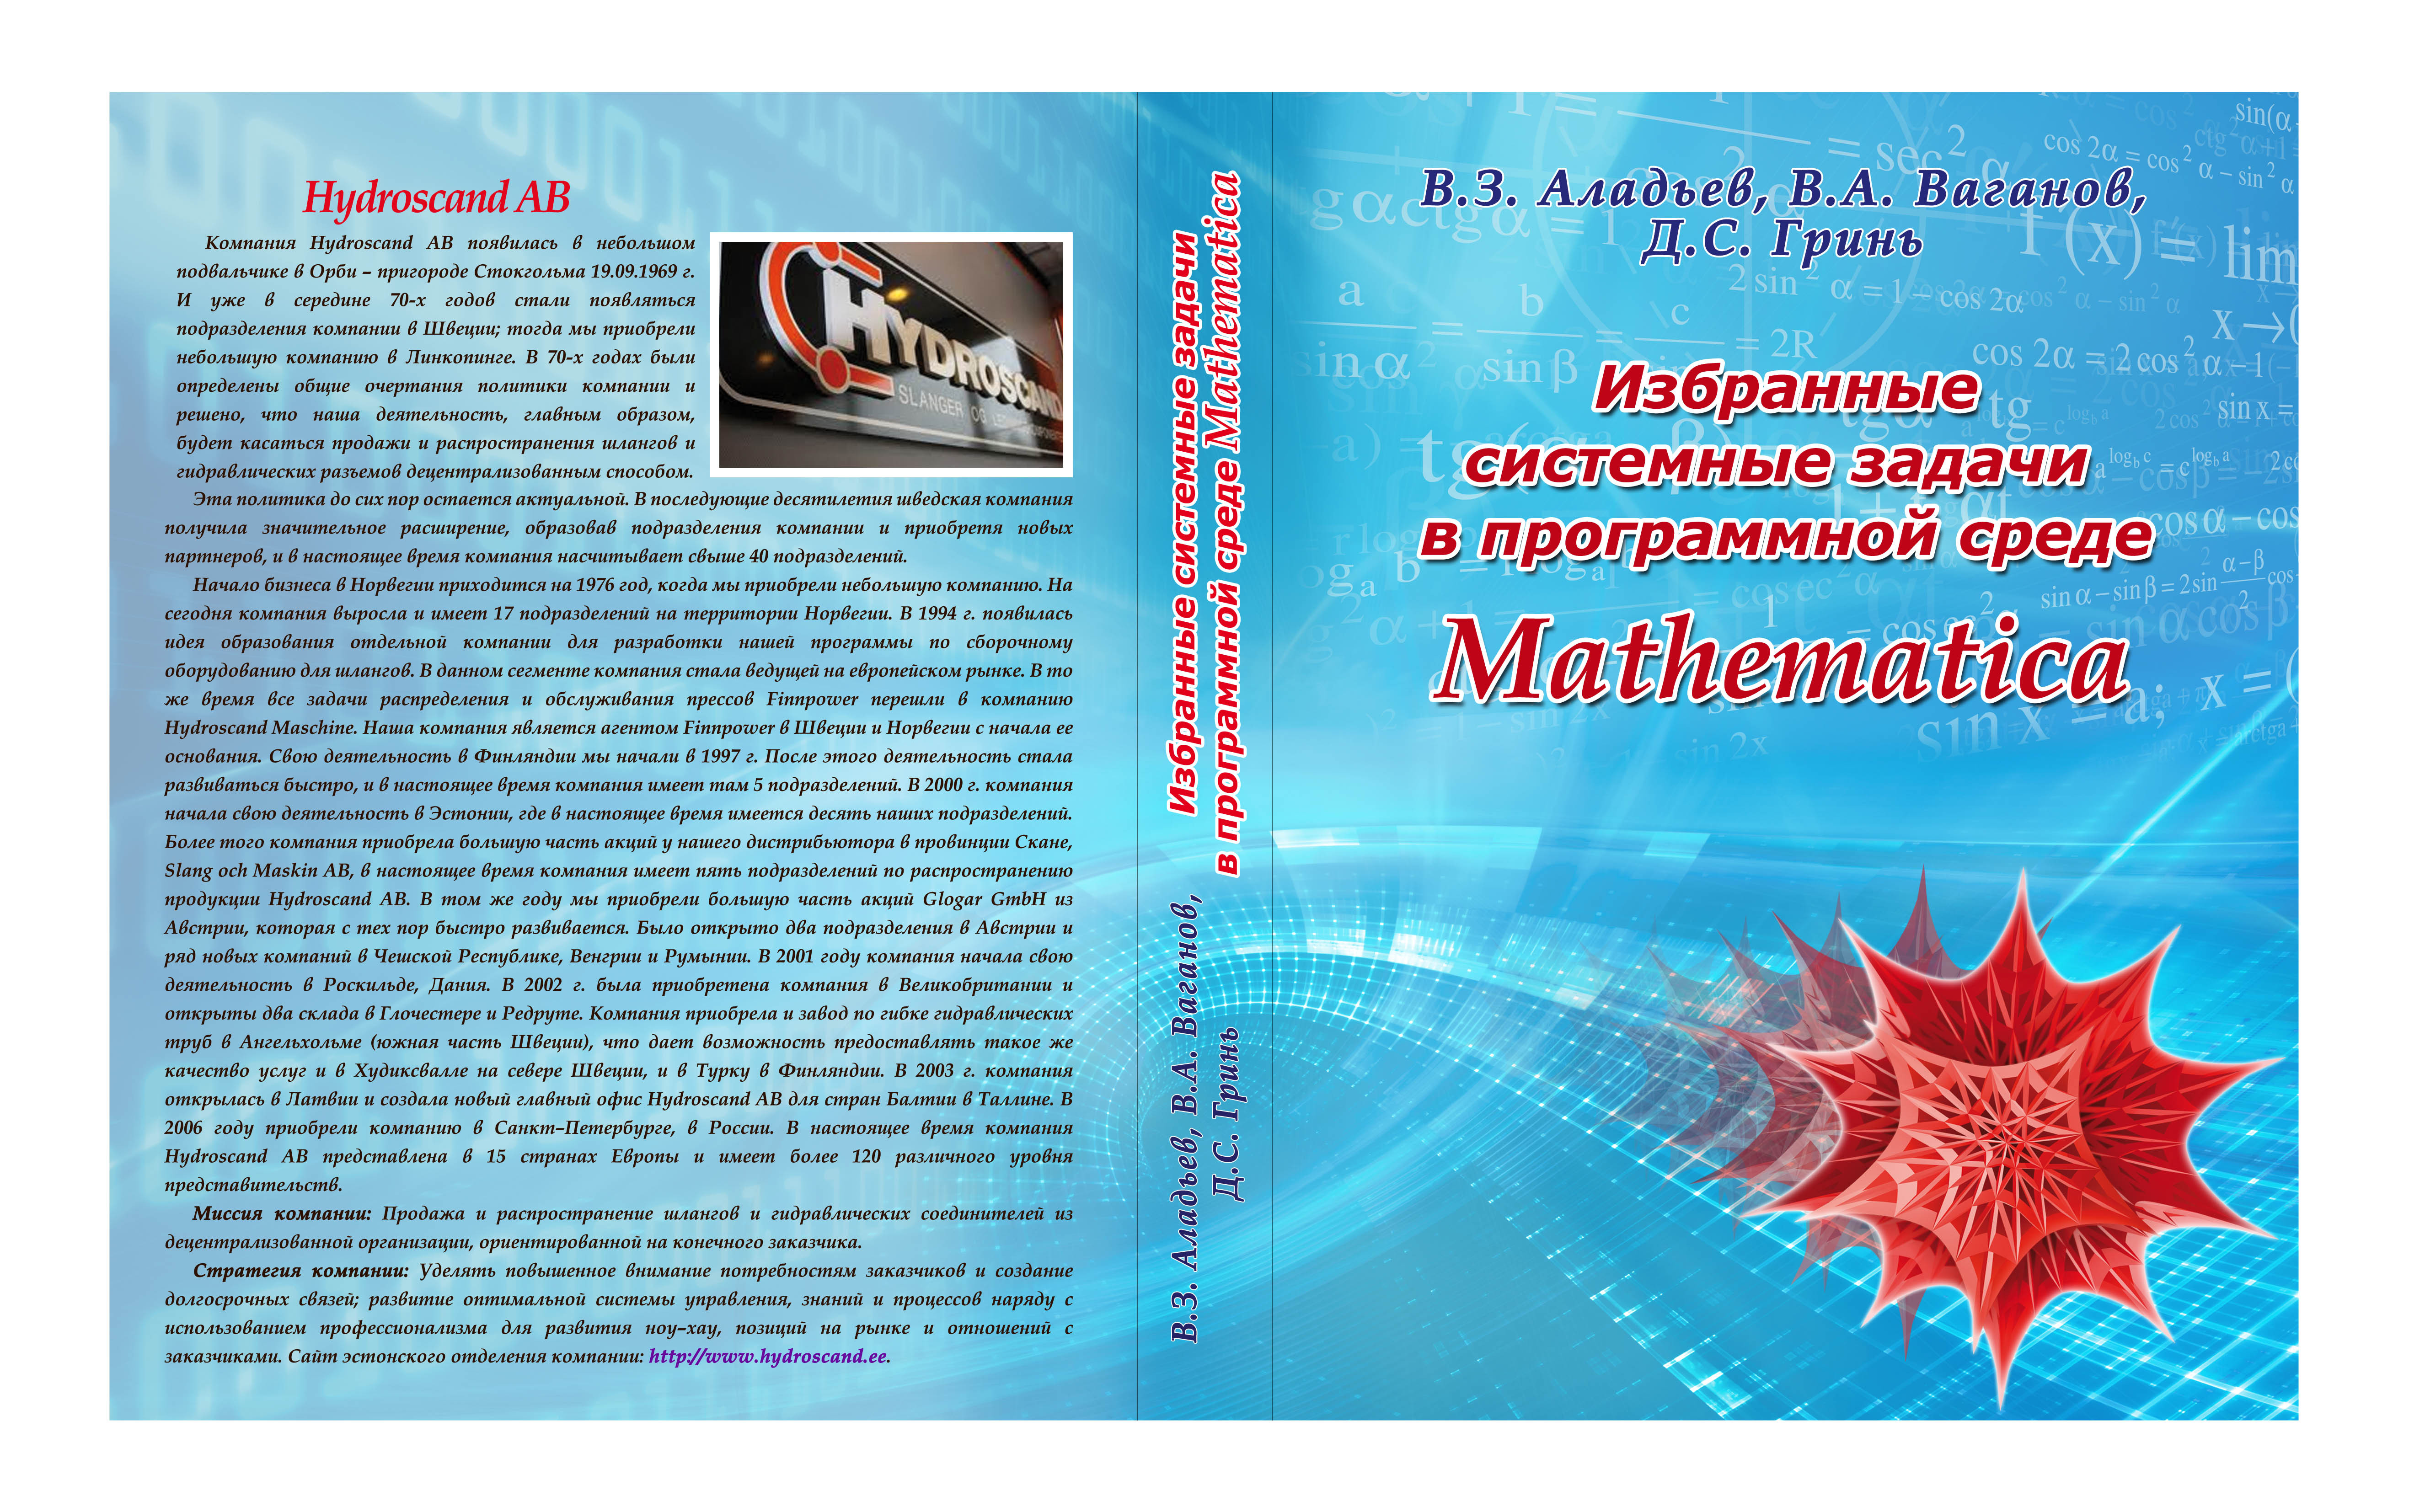 На фото: Избранные системные задачи в программной среде Mathematica, автор: Kristofer